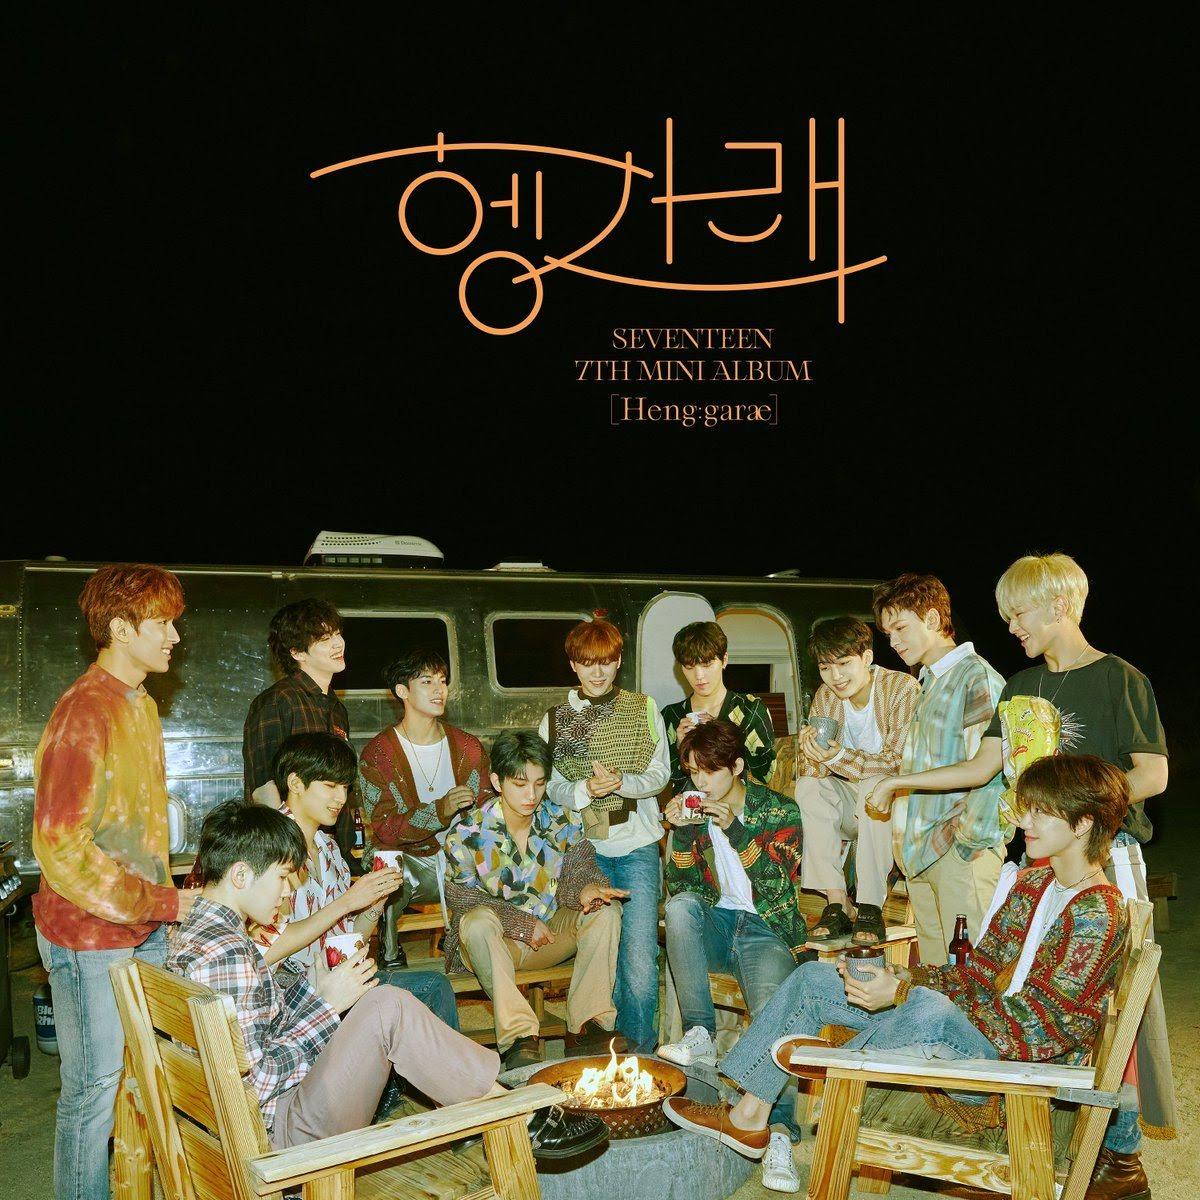 2020年韩国专辑销量TOP10,防弹少年团(BTS)、SEVENTEEN、NCT太厉害了!你家偶像上榜了吗?插图11